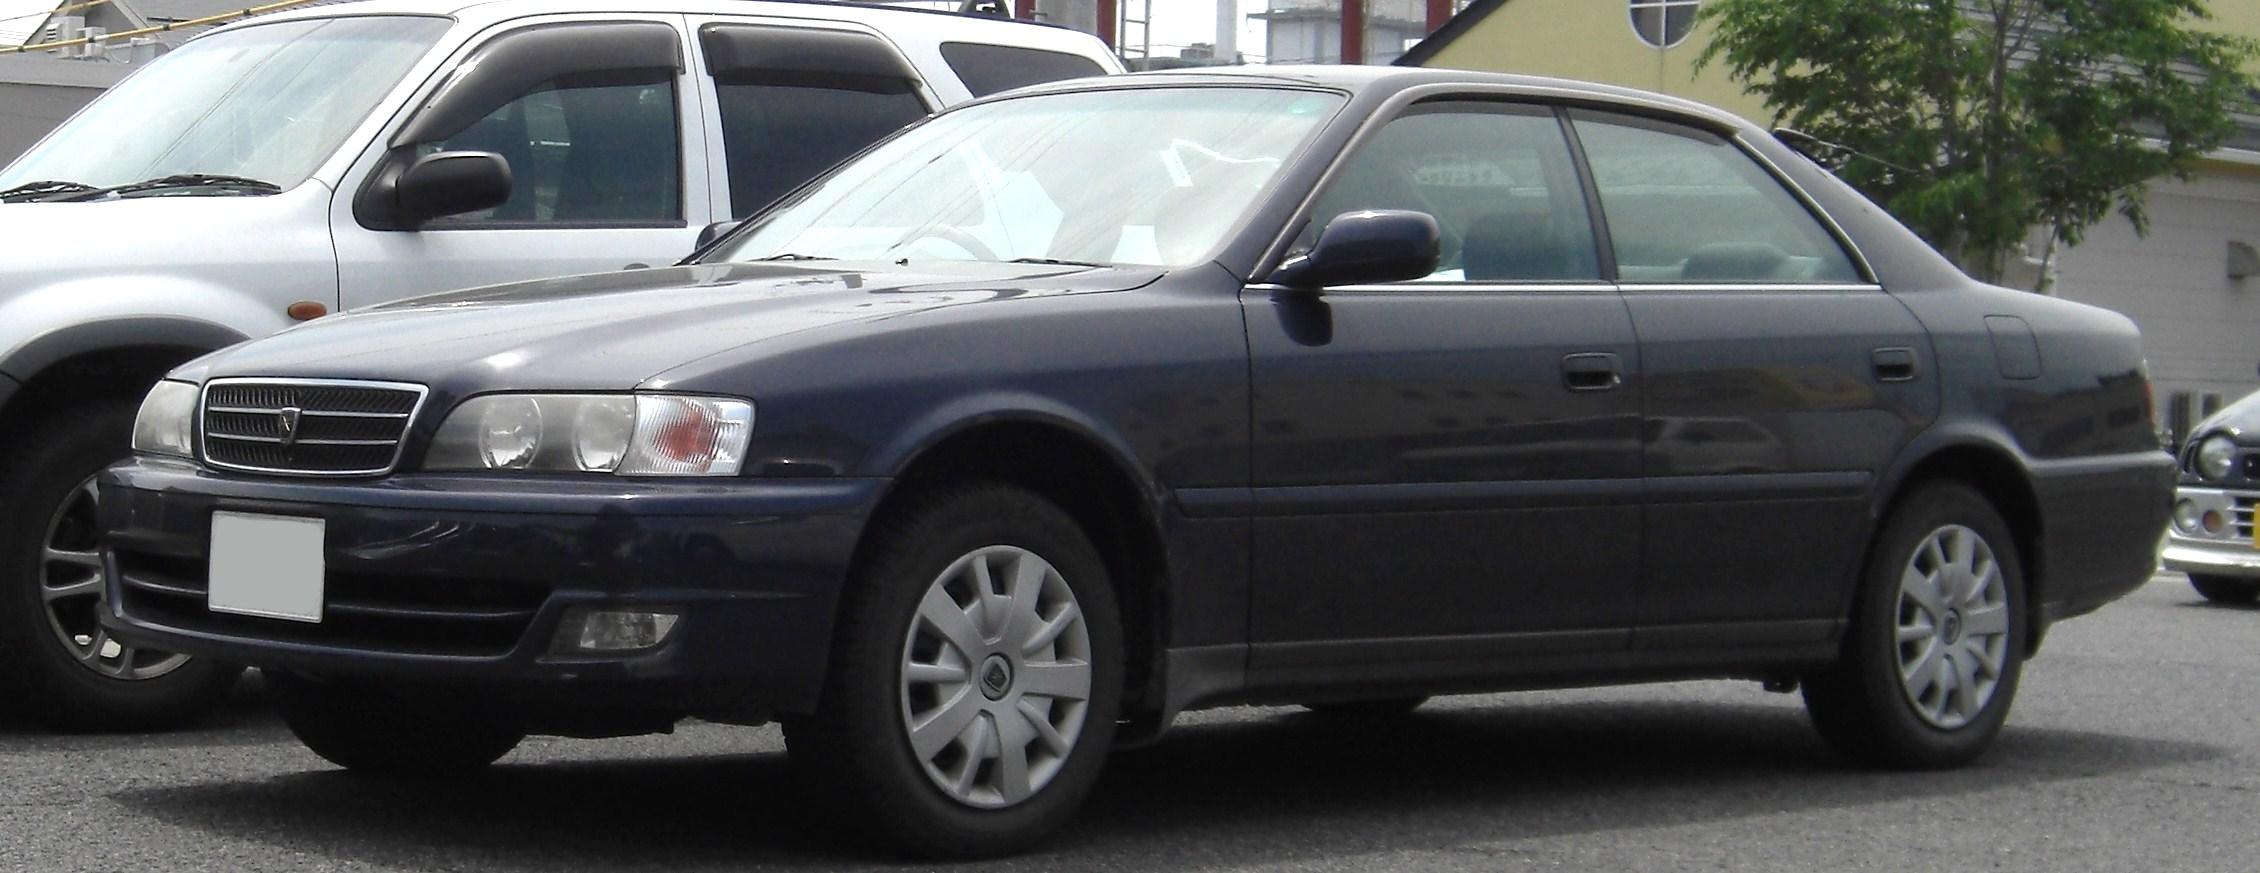 Toyota Chaser VI (X100) Restyling 1998 - 2001 Sedan #6